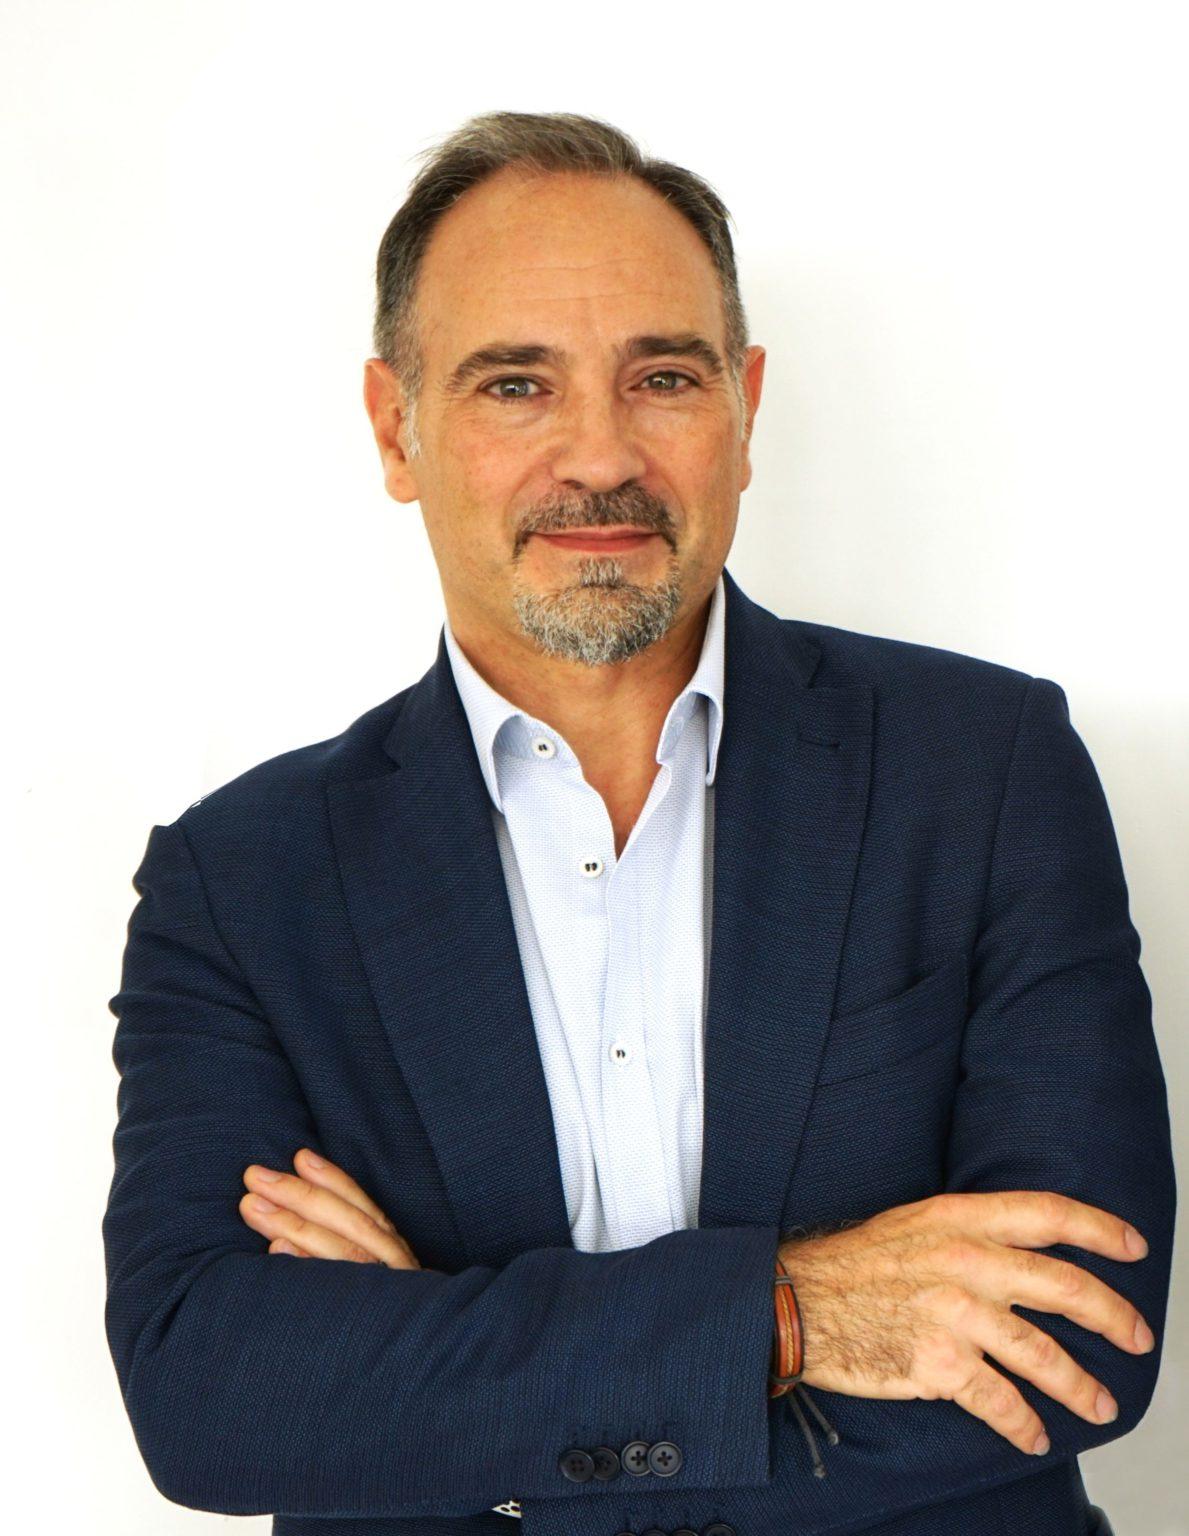 Salvatore Viola, esperto di comunicazione e co-founder di Dynamo